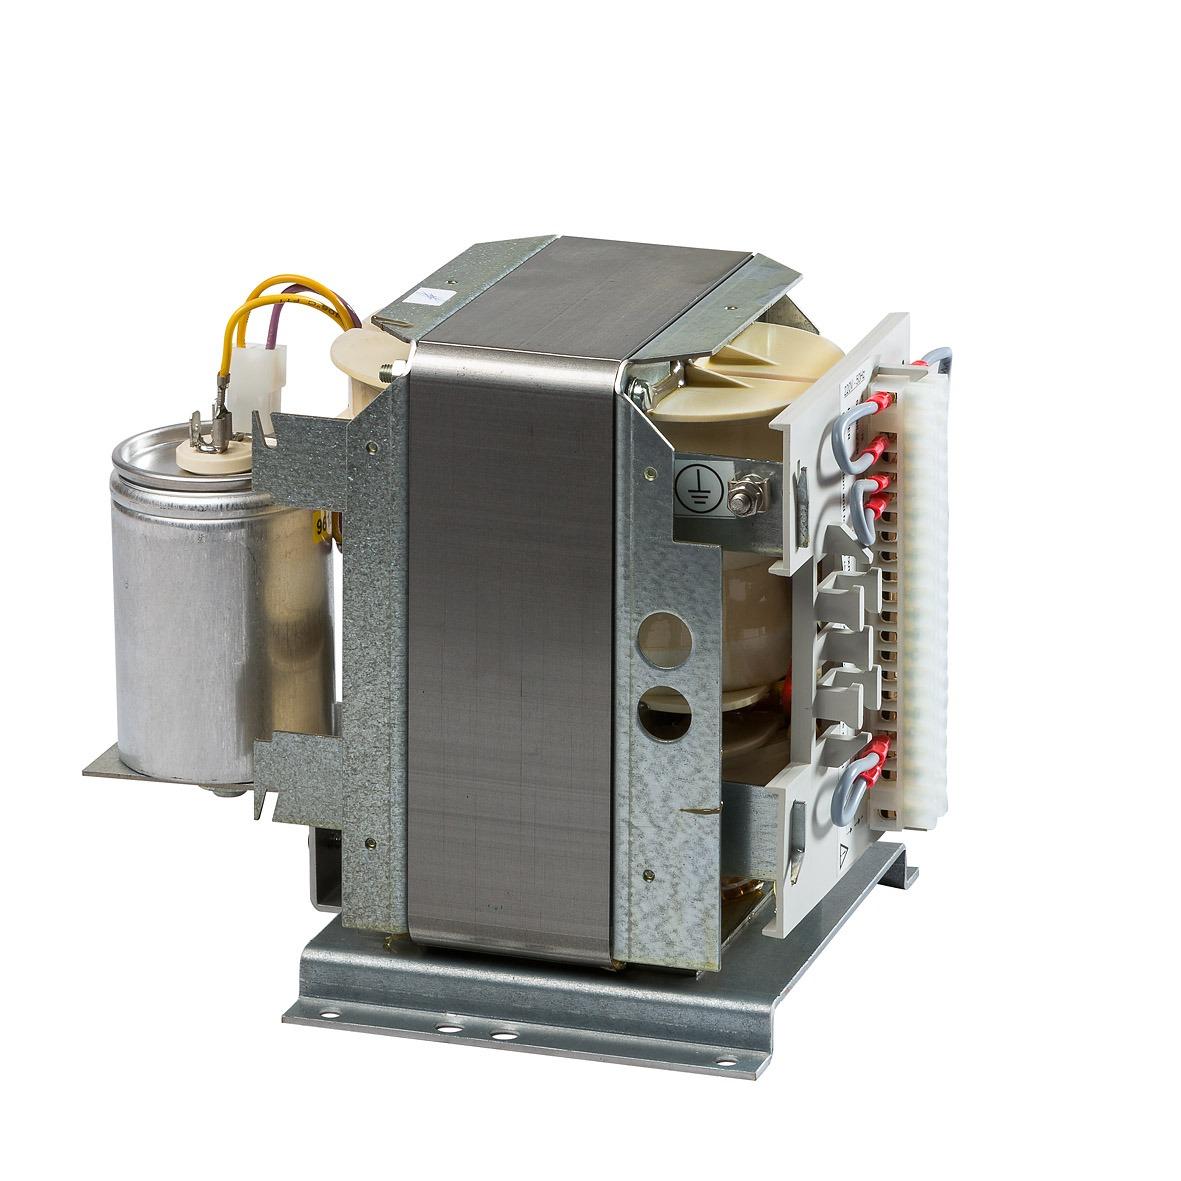 9415 014 23101 (PE1423/10) - Line Conditioner 230V/230V-850VA